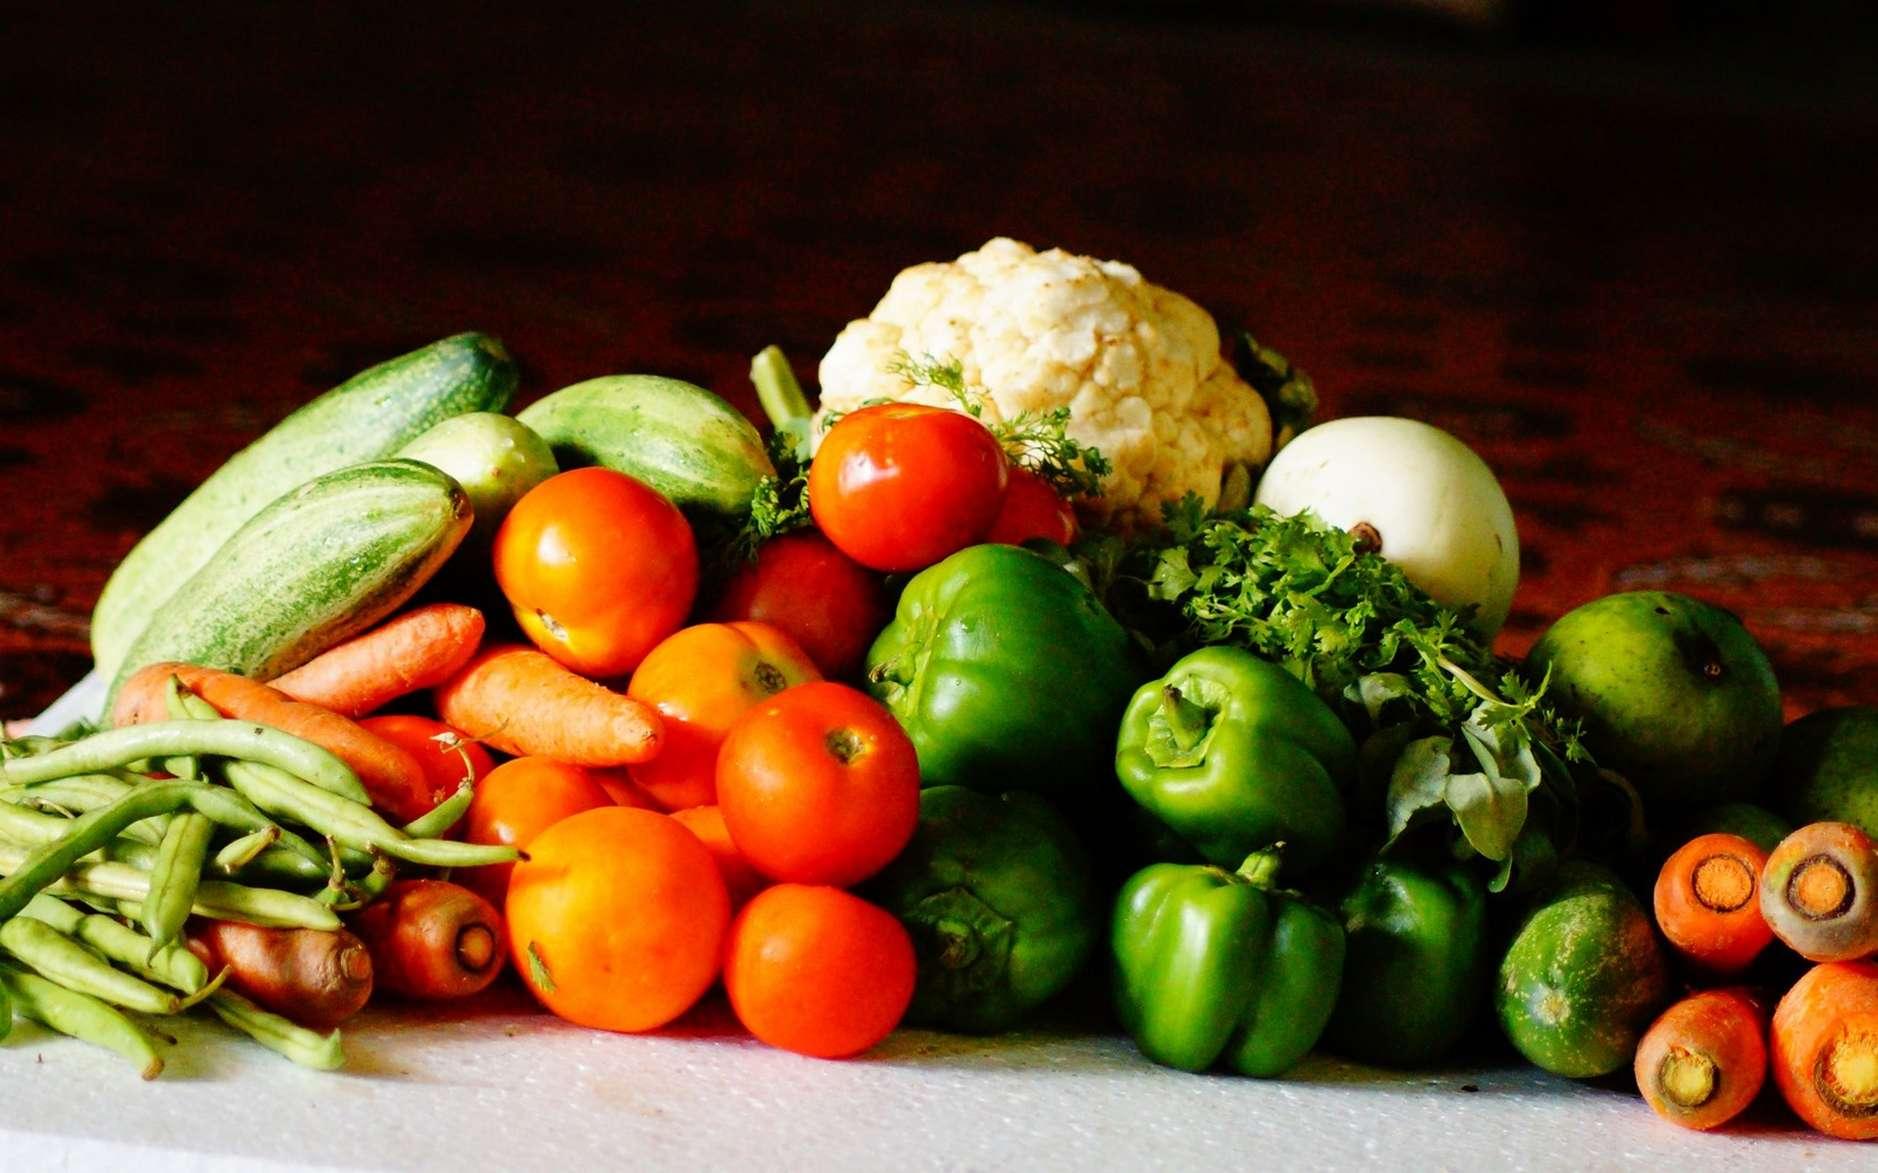 Les vitamines des légumes frais sont rapidement détruites à l'air libre. © PxHere